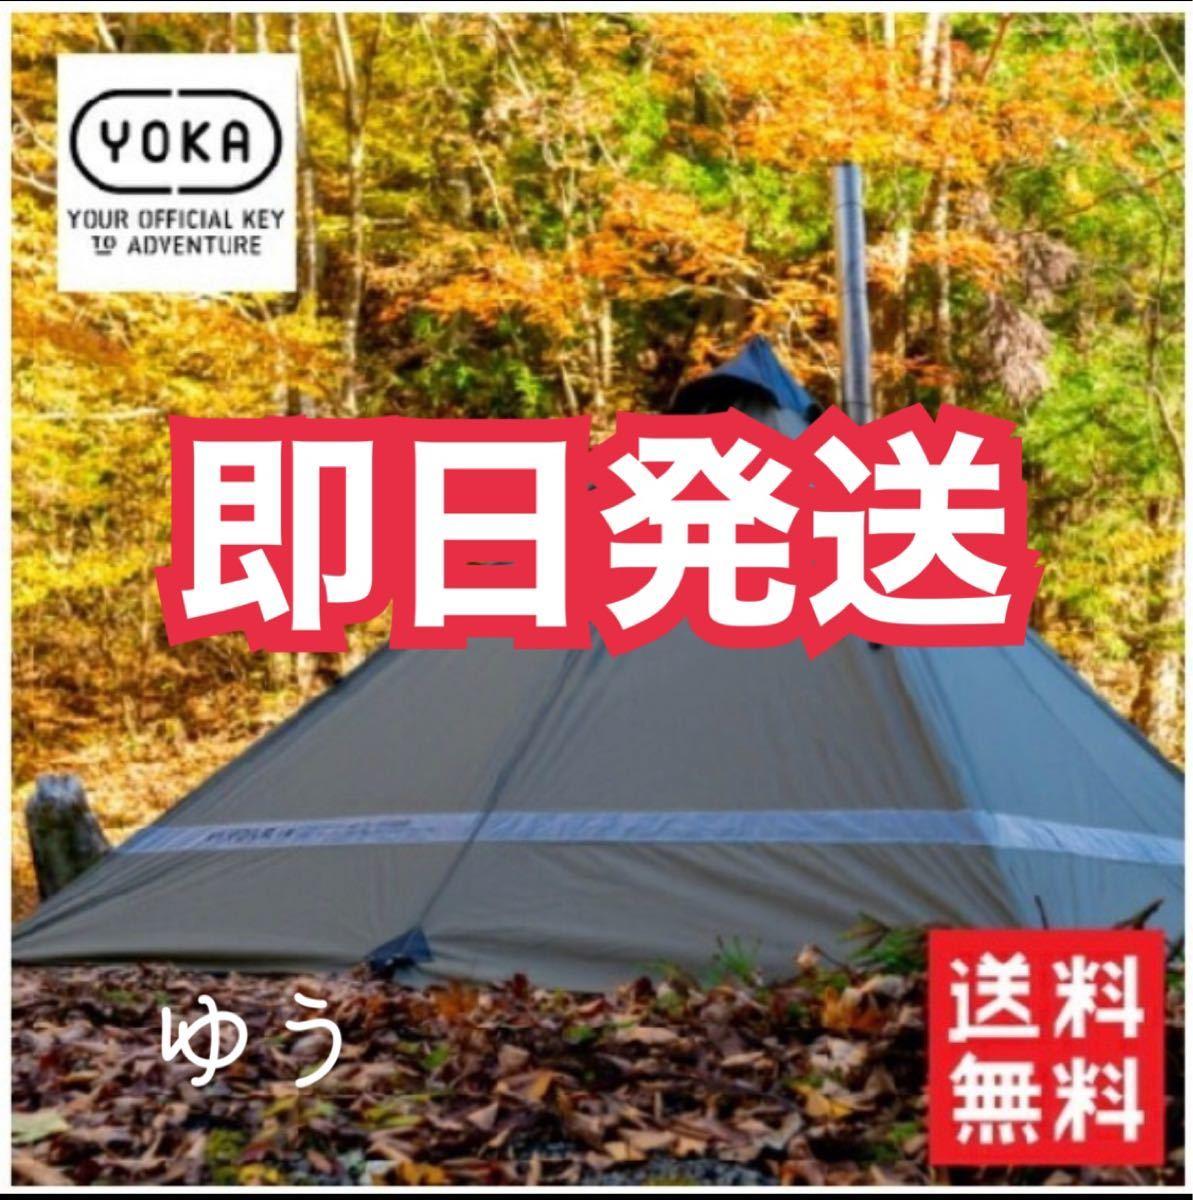 ワンポールテント 新品未使用品YOKA SOLO CAMP WITH NEW PRODUCT 2020